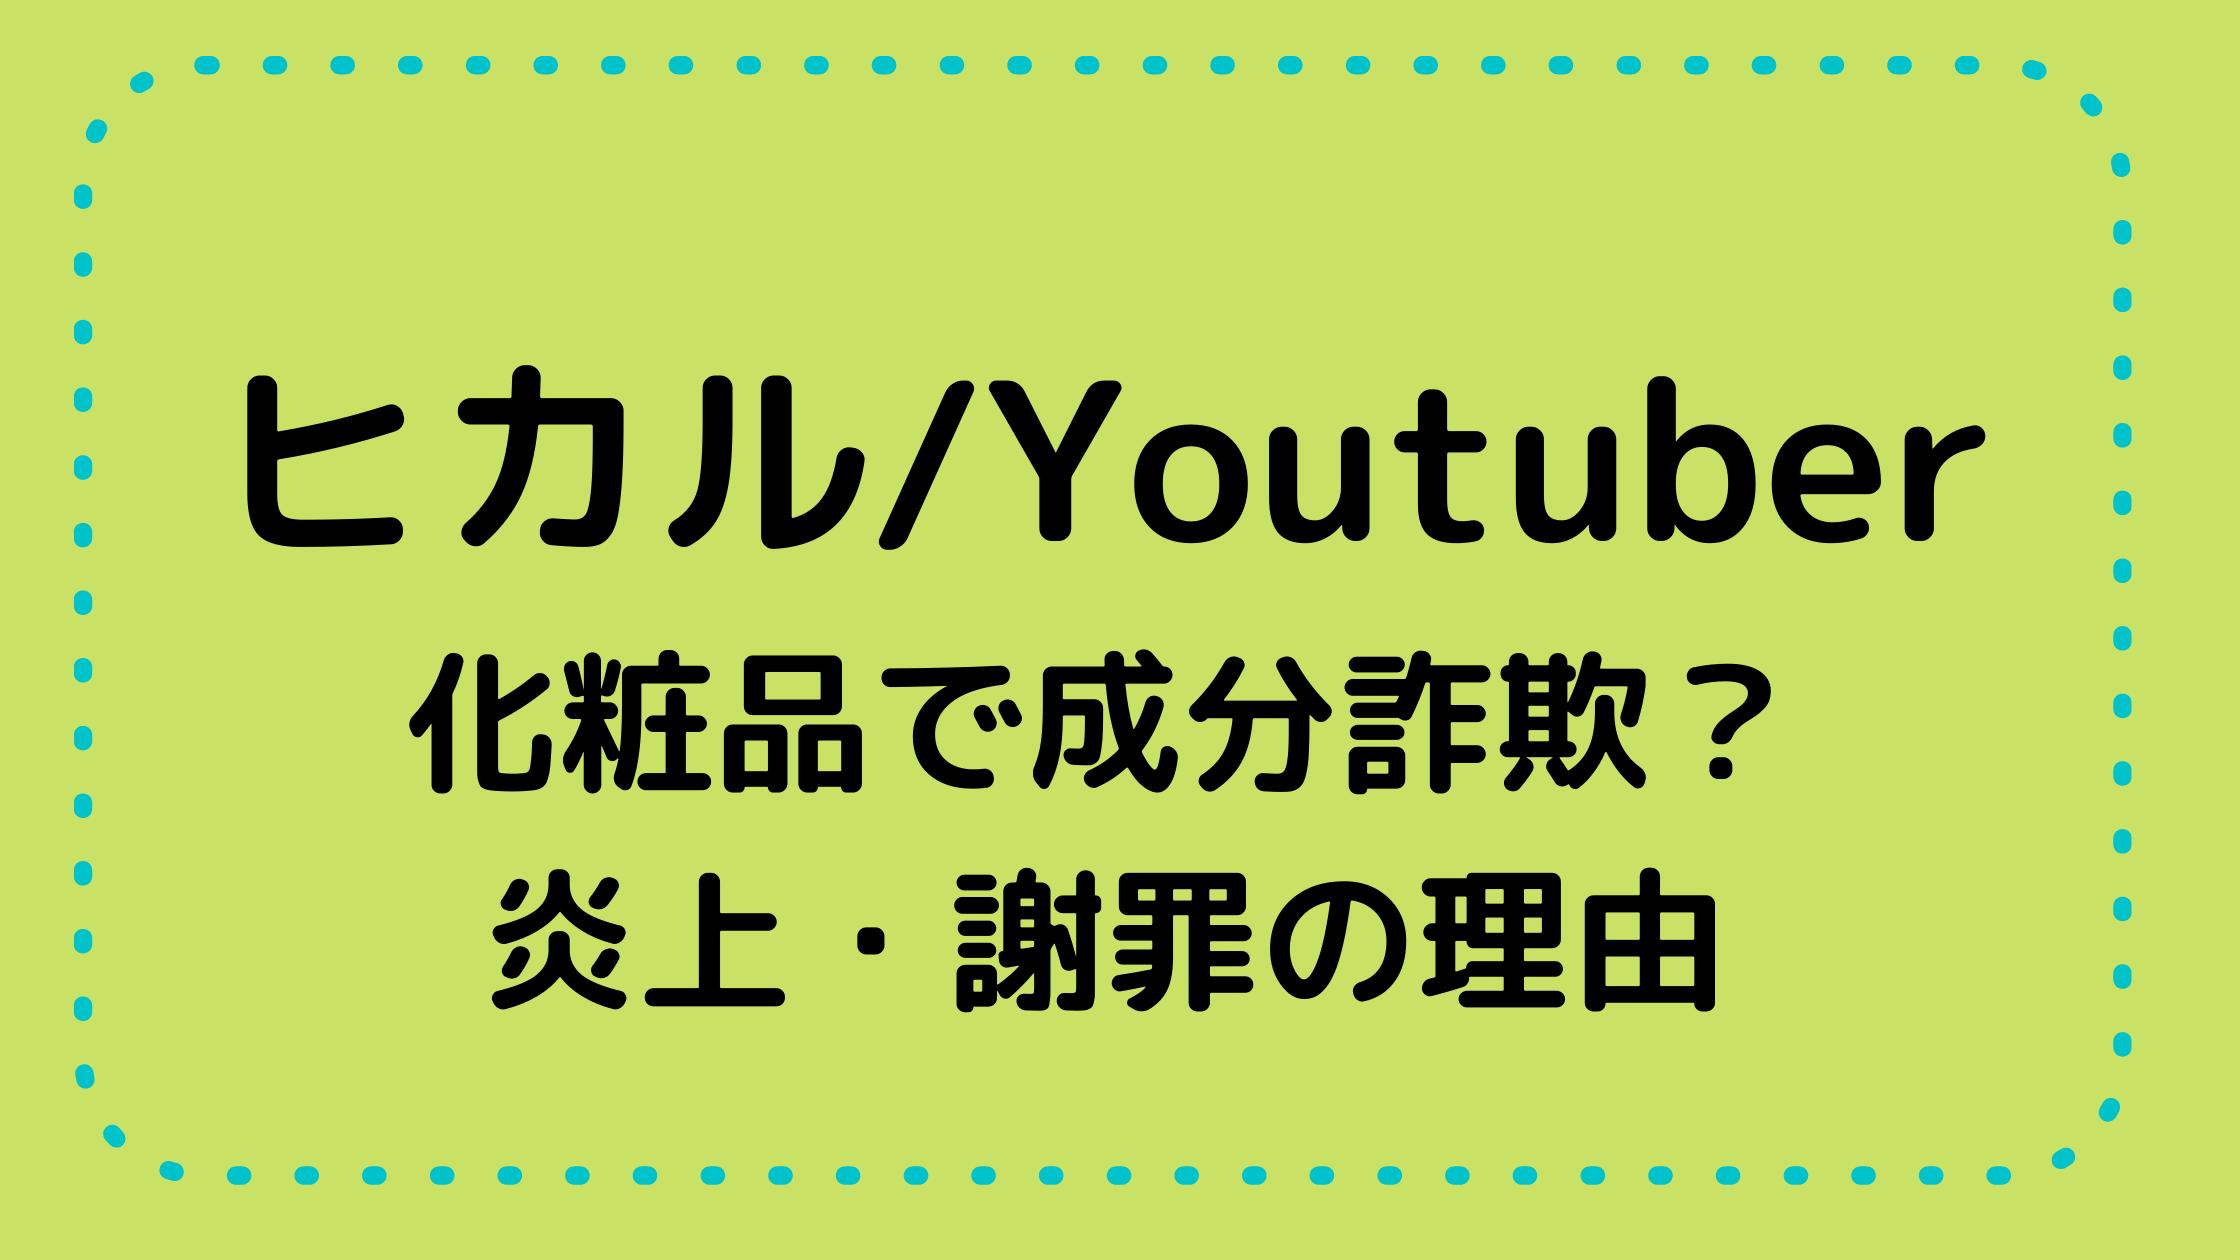 8月15日 大坂・京都(関西)の電車運休エリアは? 復旧再開はいつ? (3)